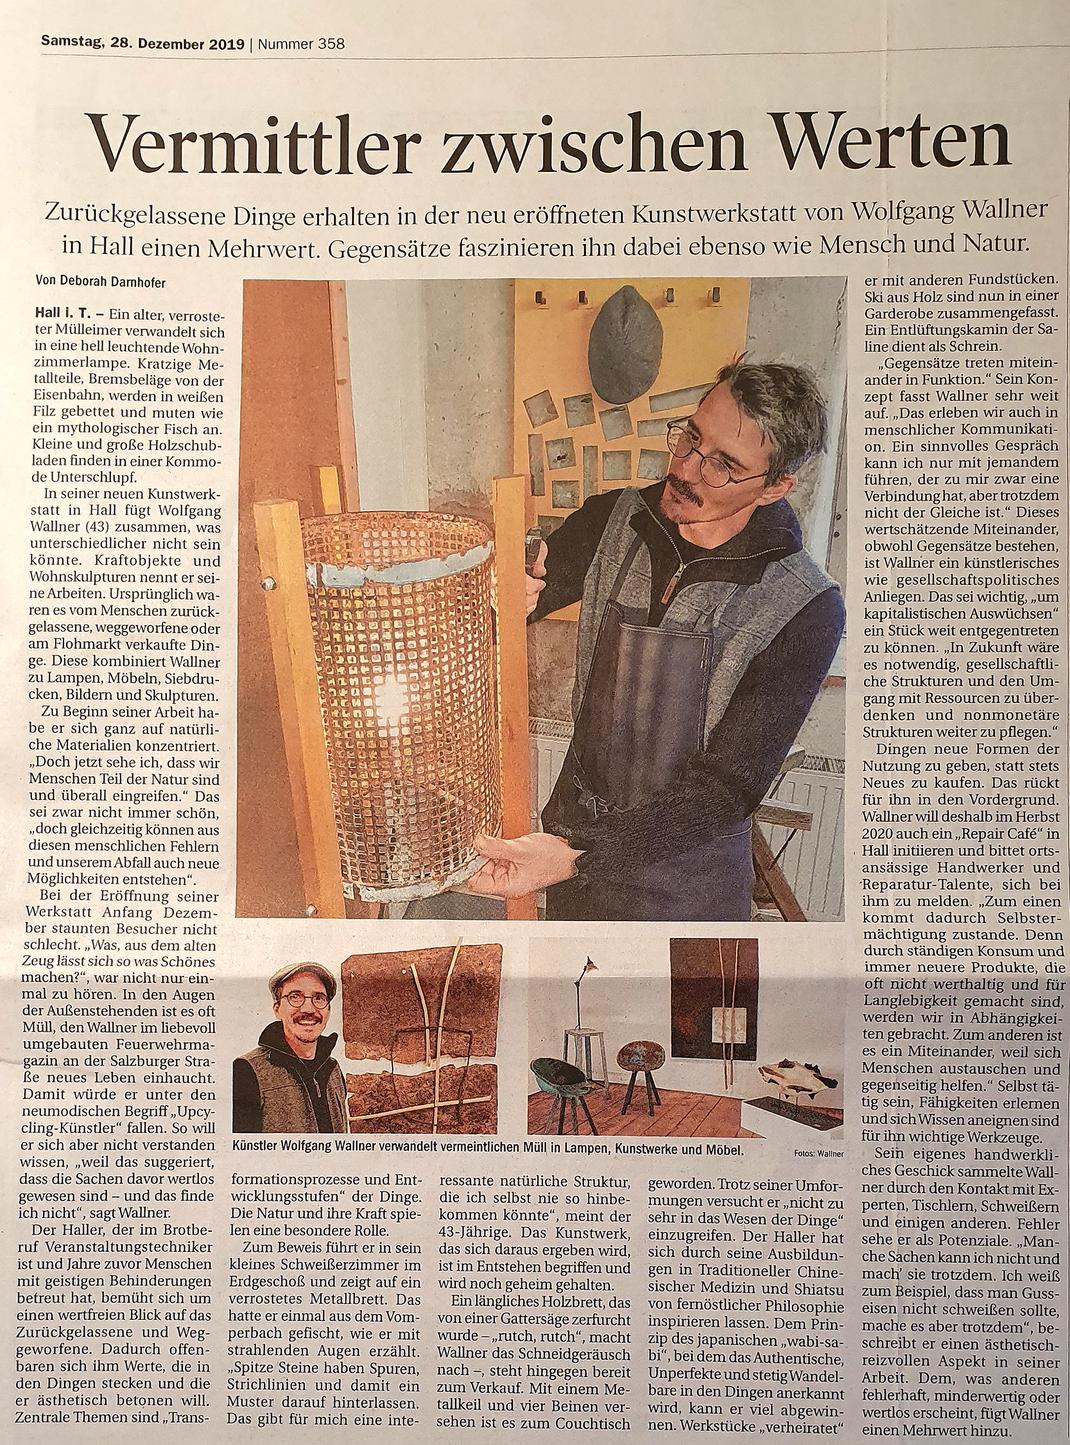 Wolfgang Wallner Kunstwerkstatt Hall in Tirol - Pressebericht zur Eröffnung vom 28.12.19, Autor: Deborah Darnhofer, Tiroler Tageszeitung